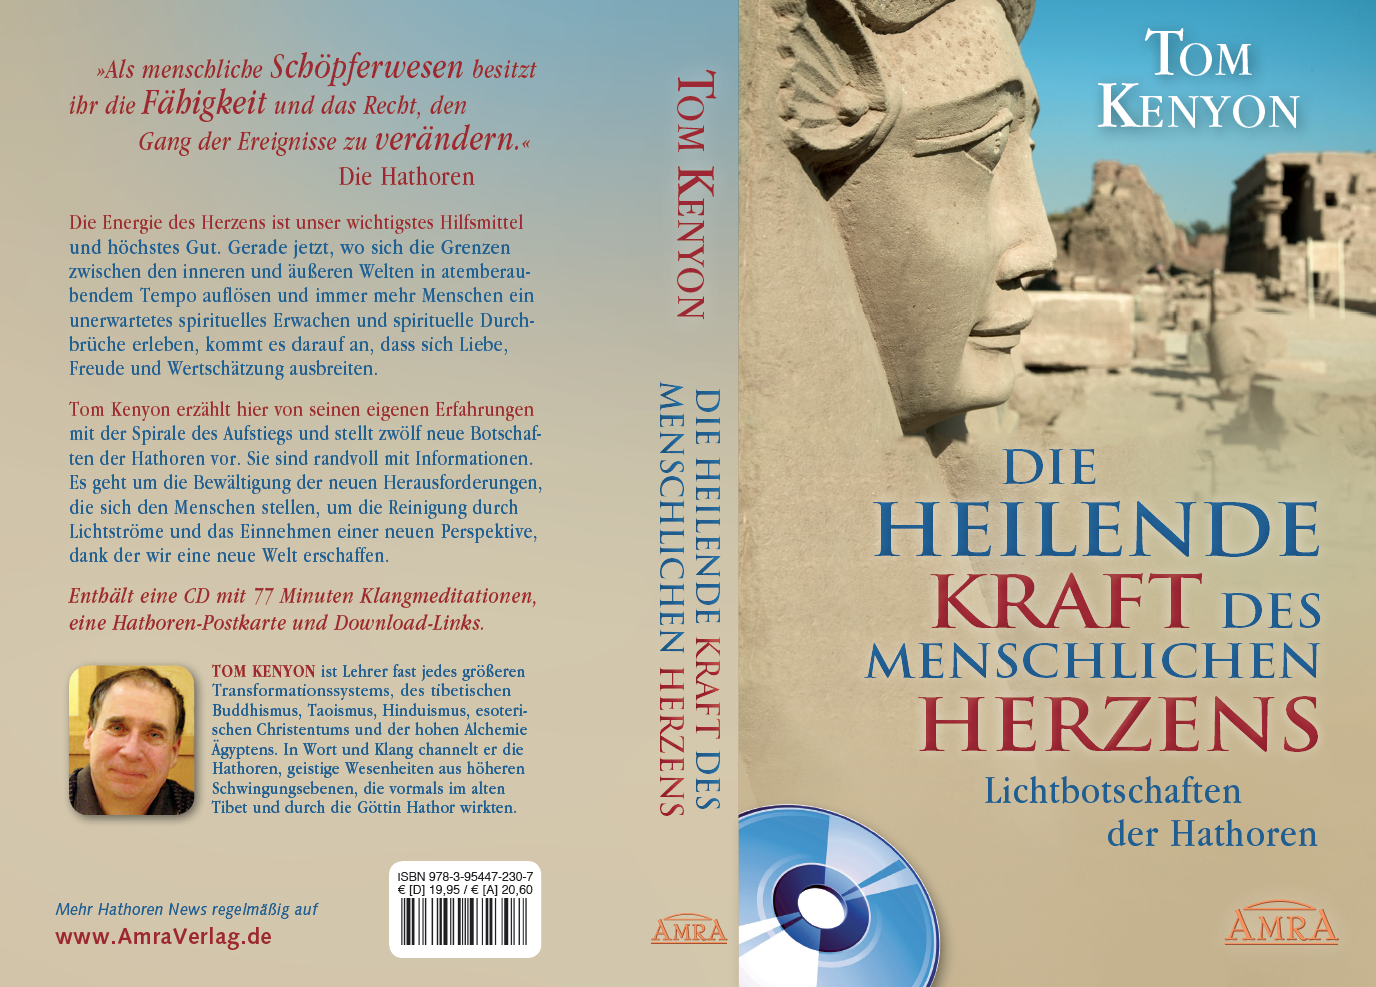 Die heilende Kraft des menschlichen Herzens [Buch & CD ...